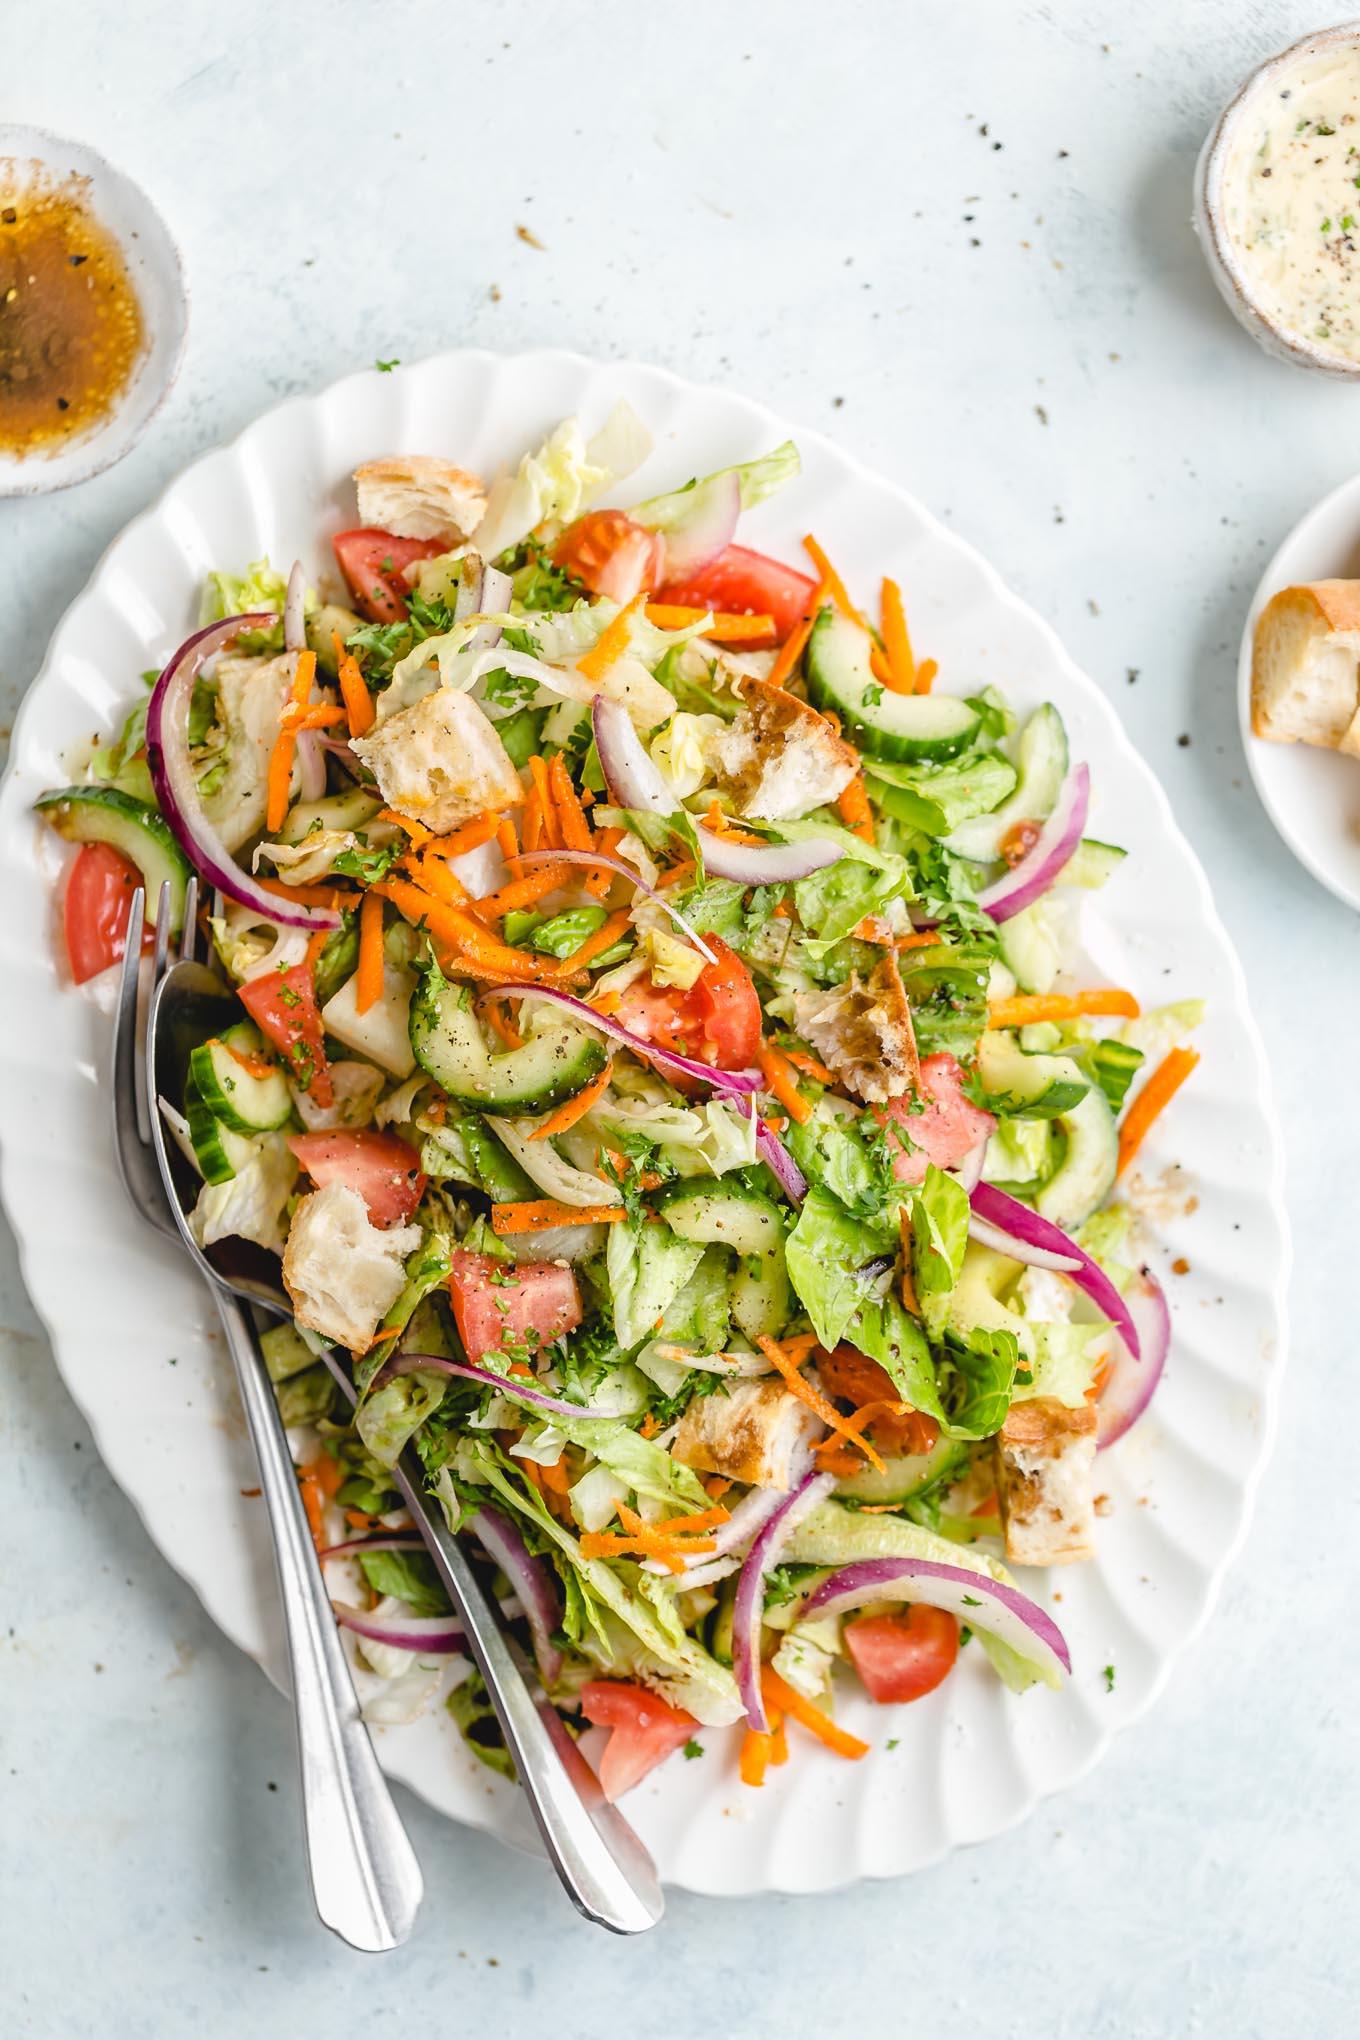 side salad with balsamic vinaigrette